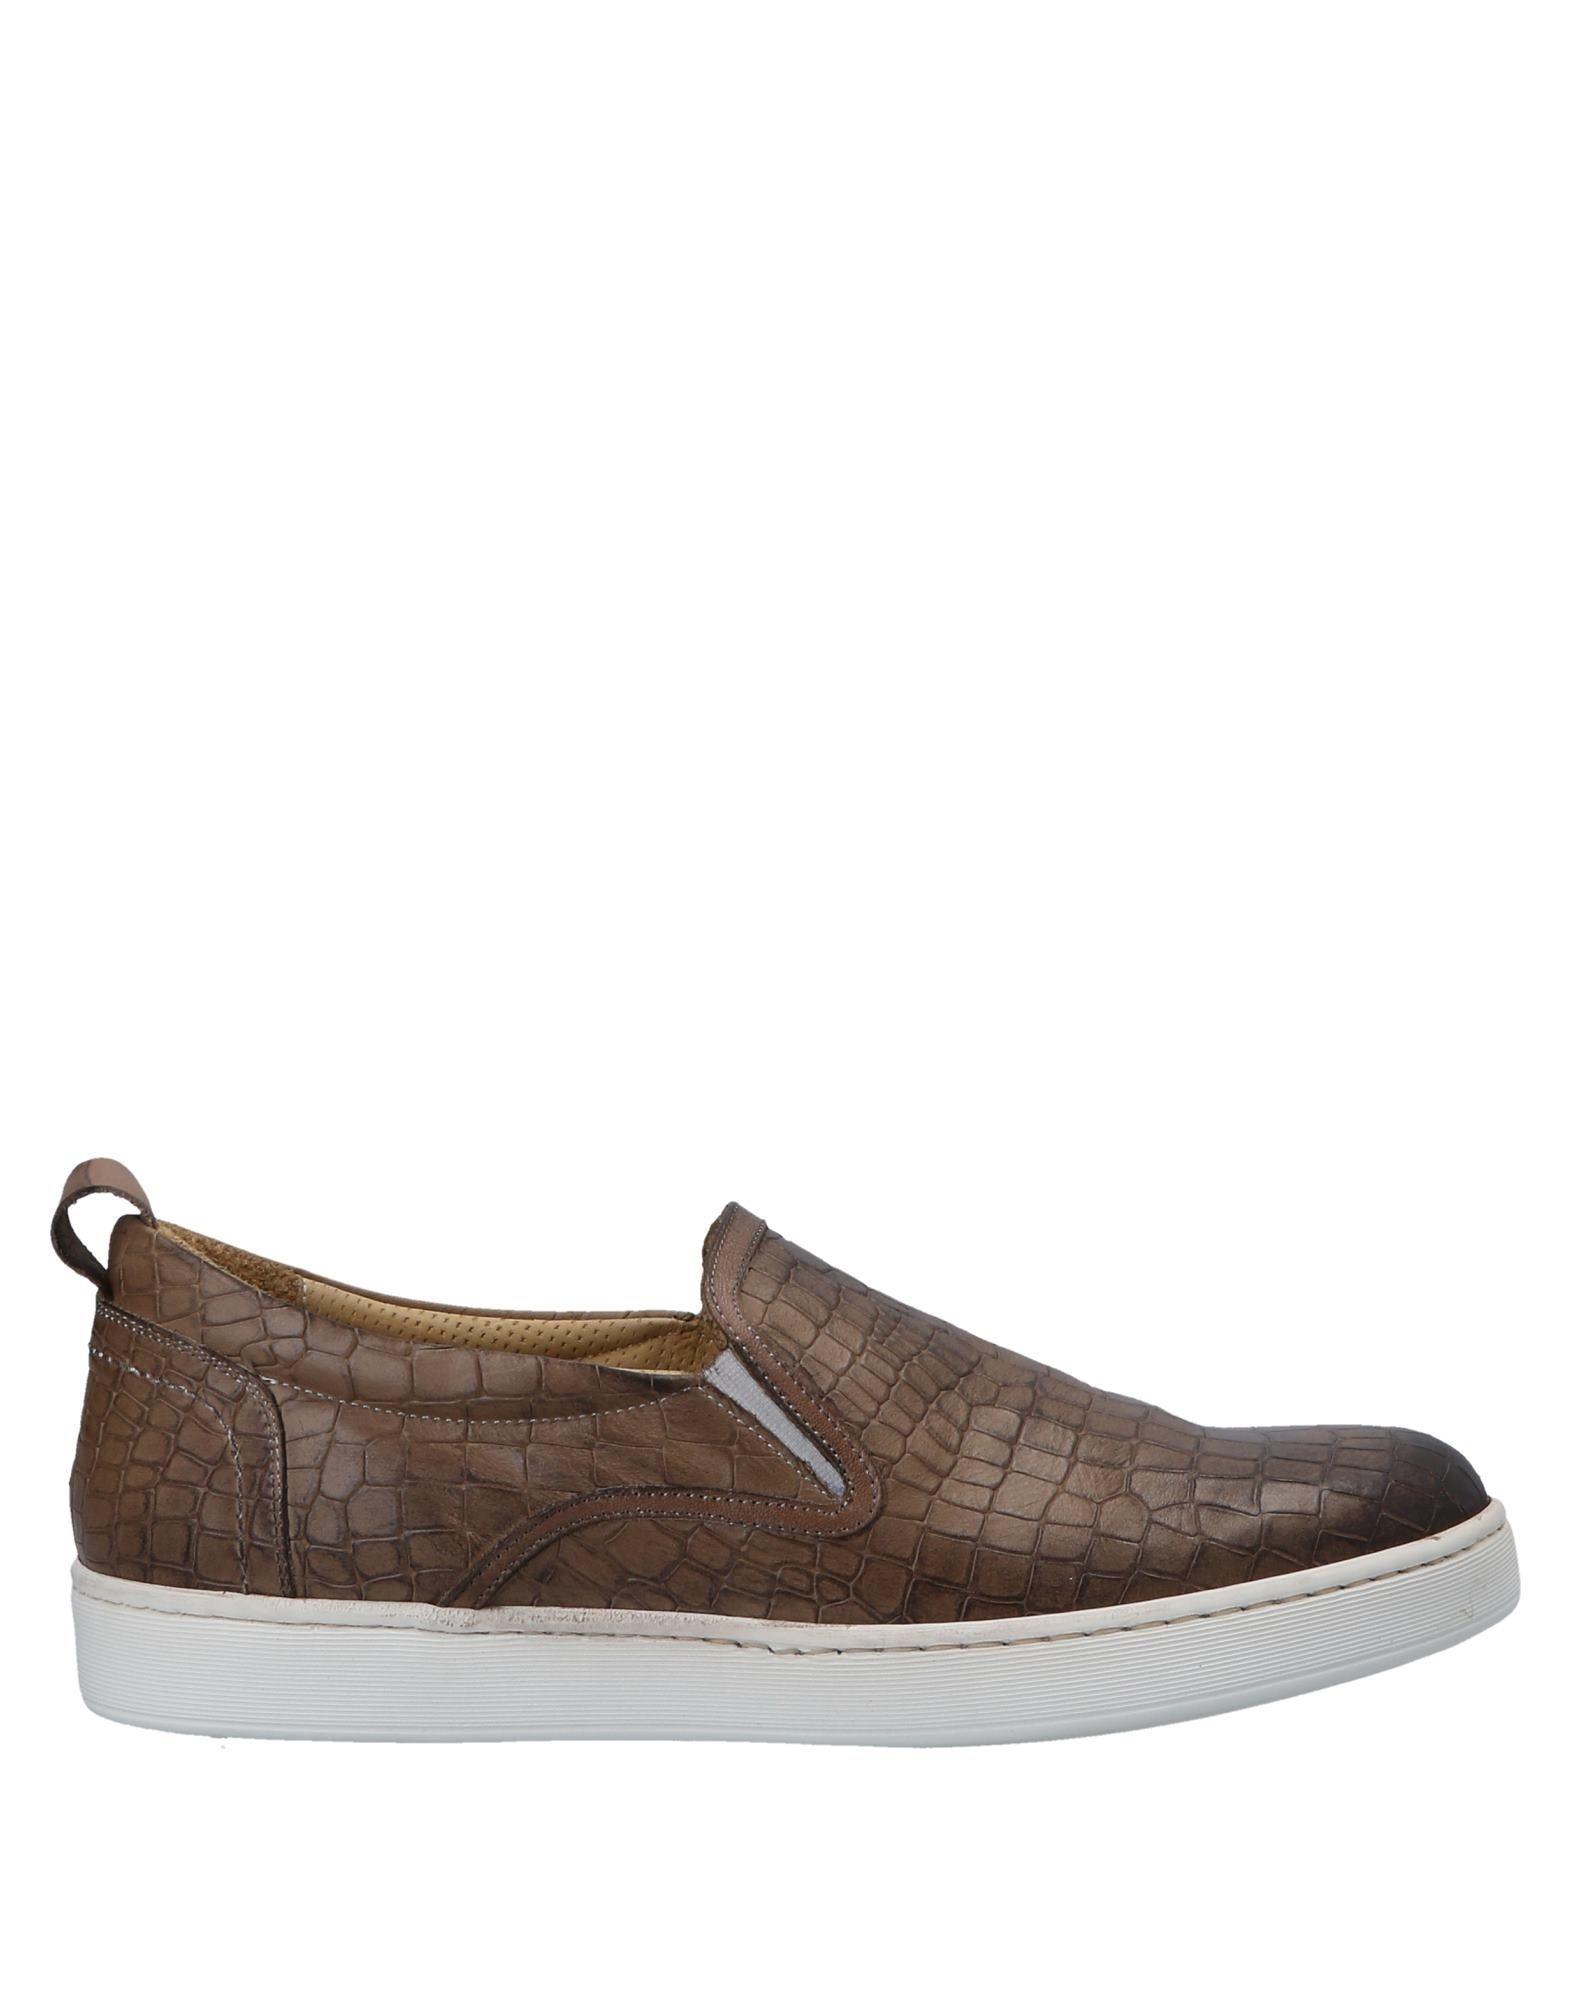 Scarpe economiche e resistenti Sneakers Calpierre Uomo - 11551950AC